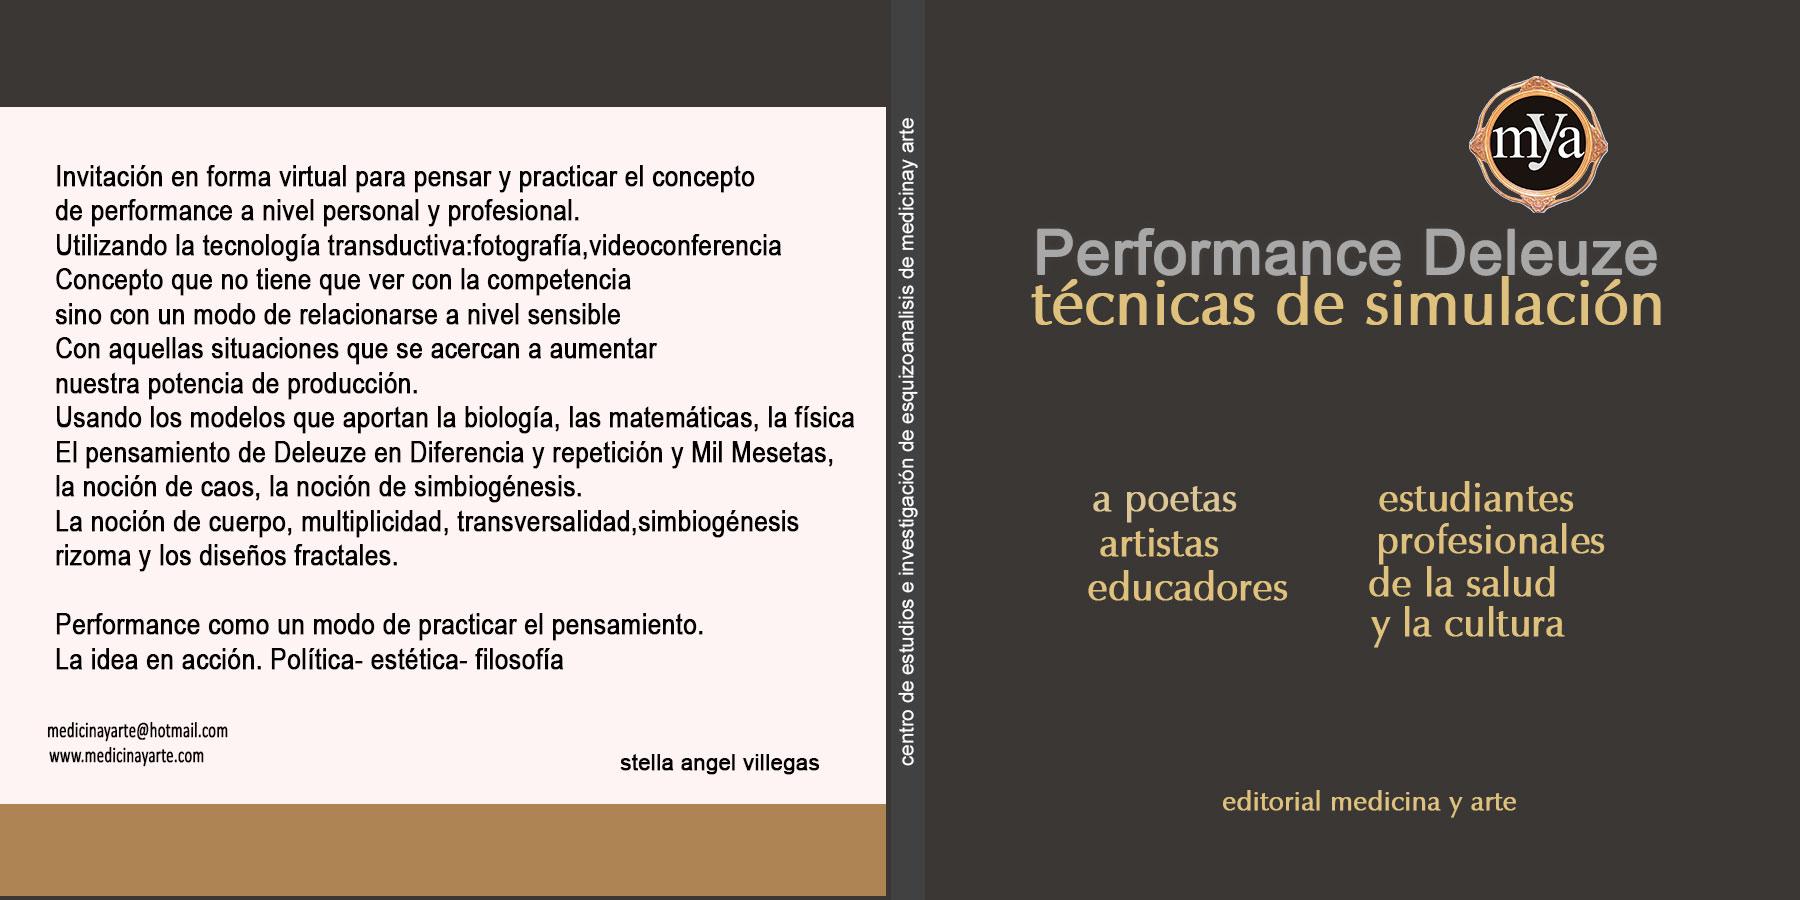 http://www.medicinayarte.com/img/performance_tecnicas_deleuze.jpg